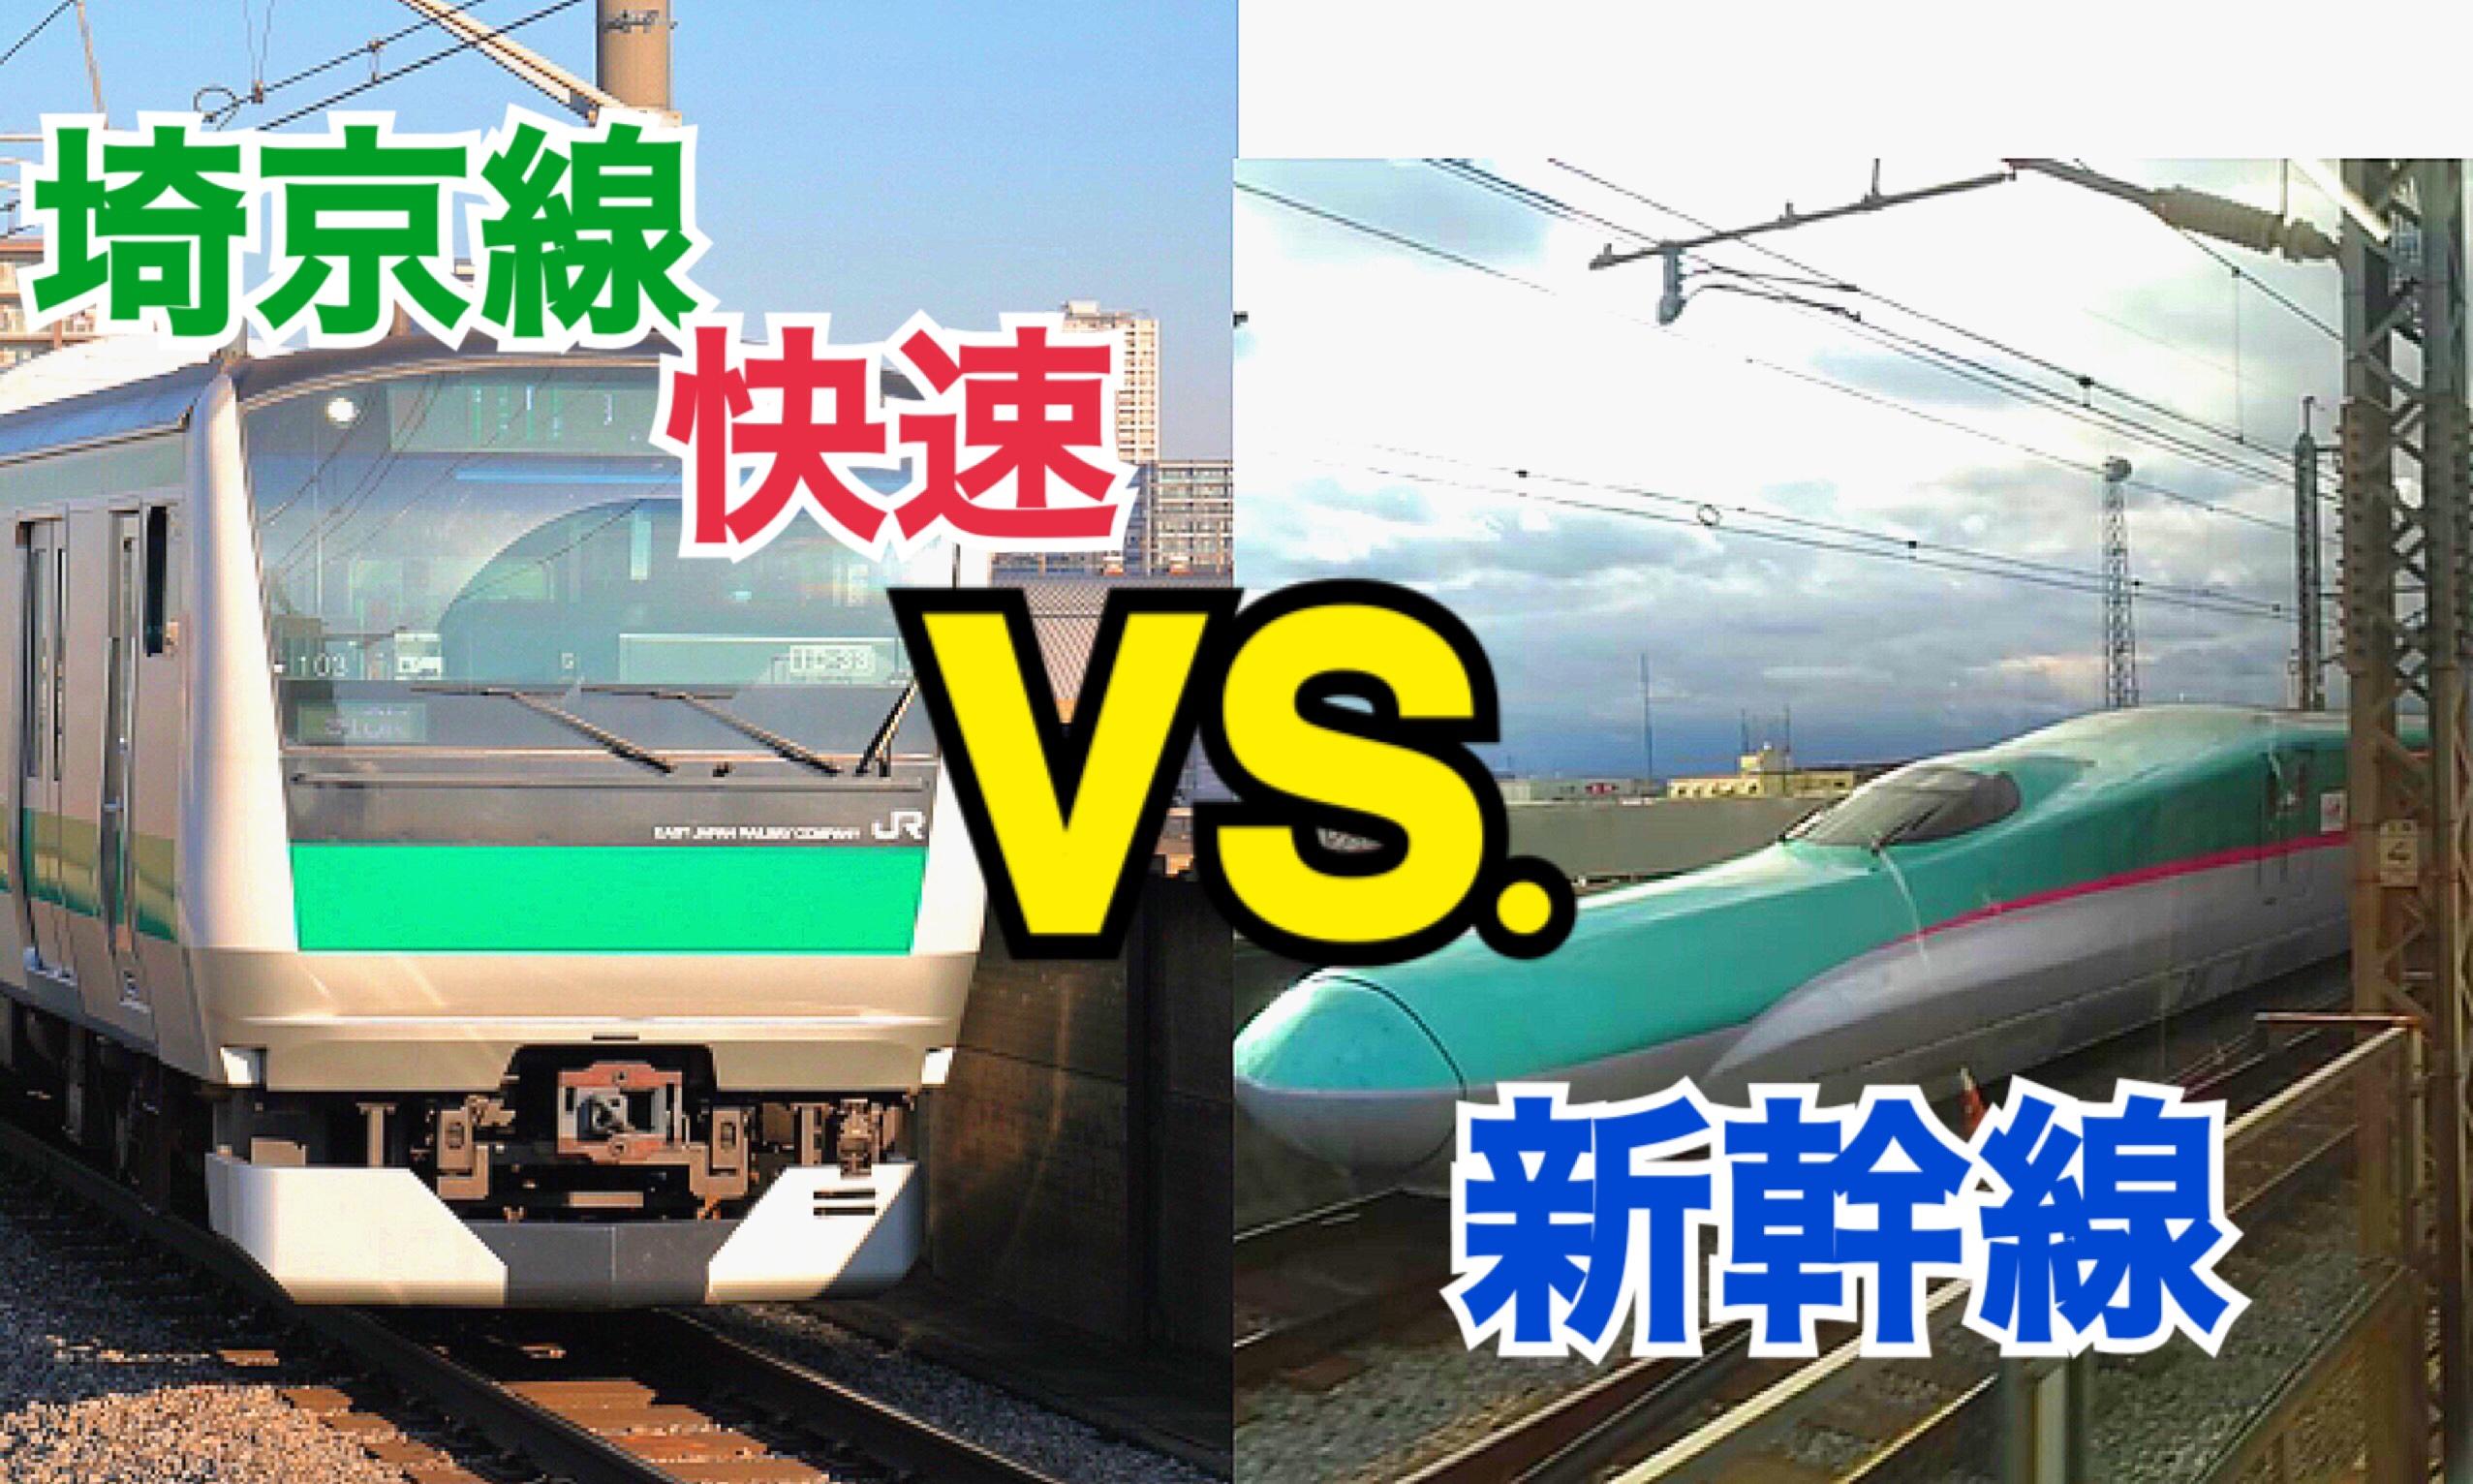 【最強はどっち?】埼京線快速 VS 東北新幹線 並走バトル!【気まぐれ大回り旅】